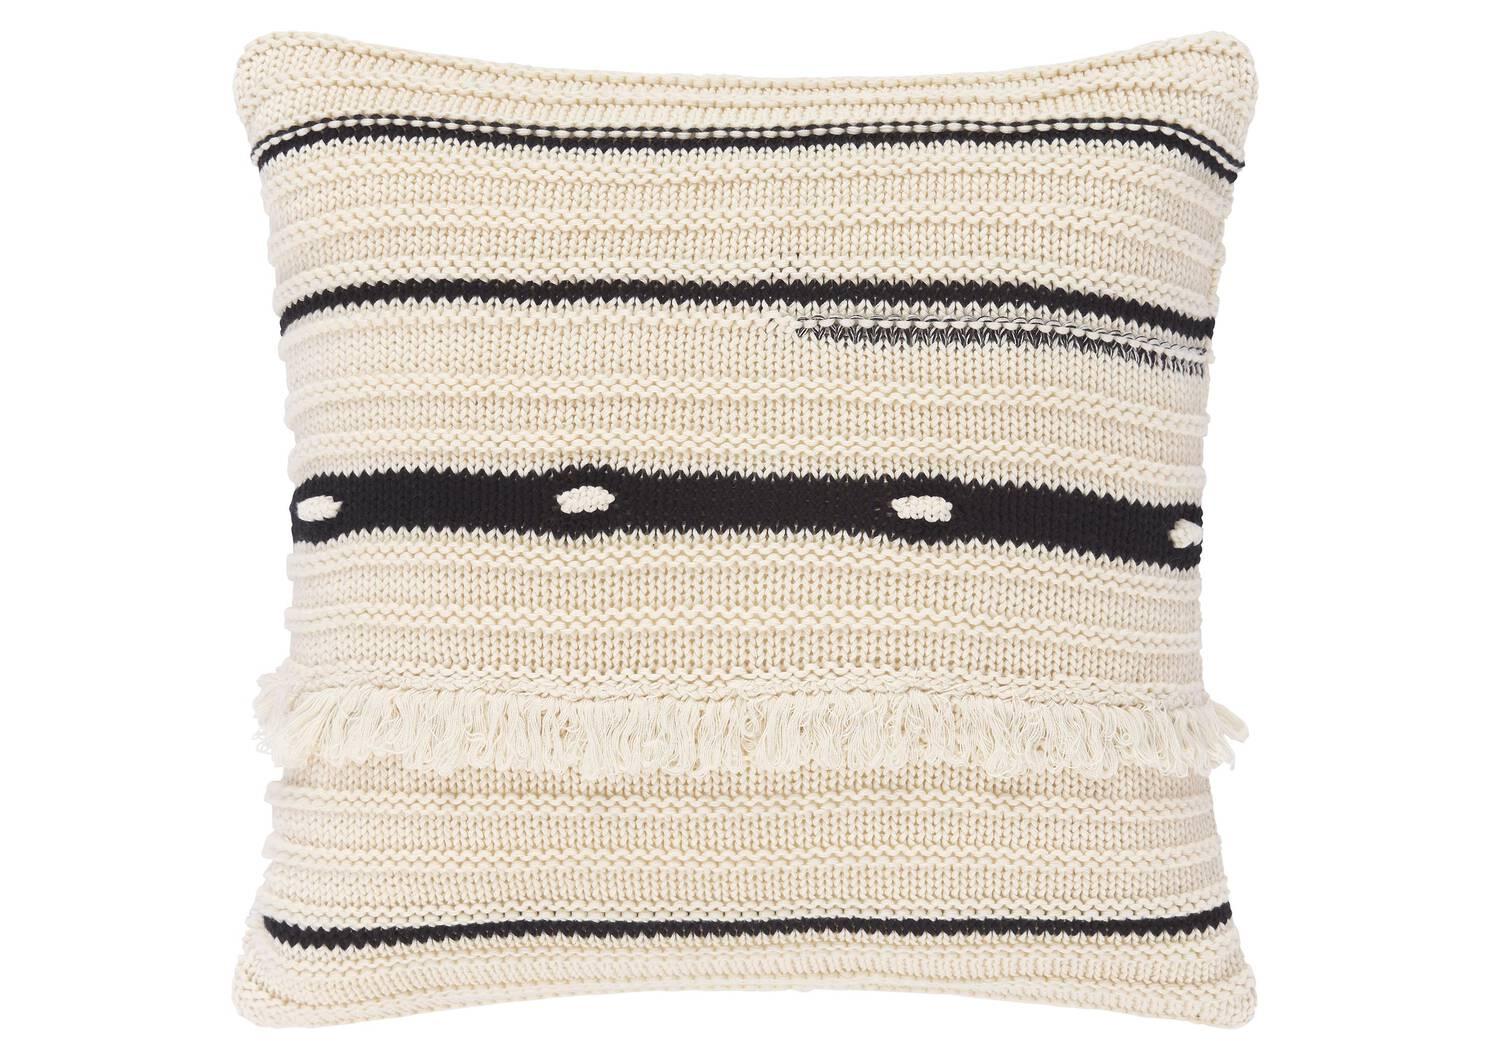 Zendaya Cotton Toss 20x20 Natural/Black